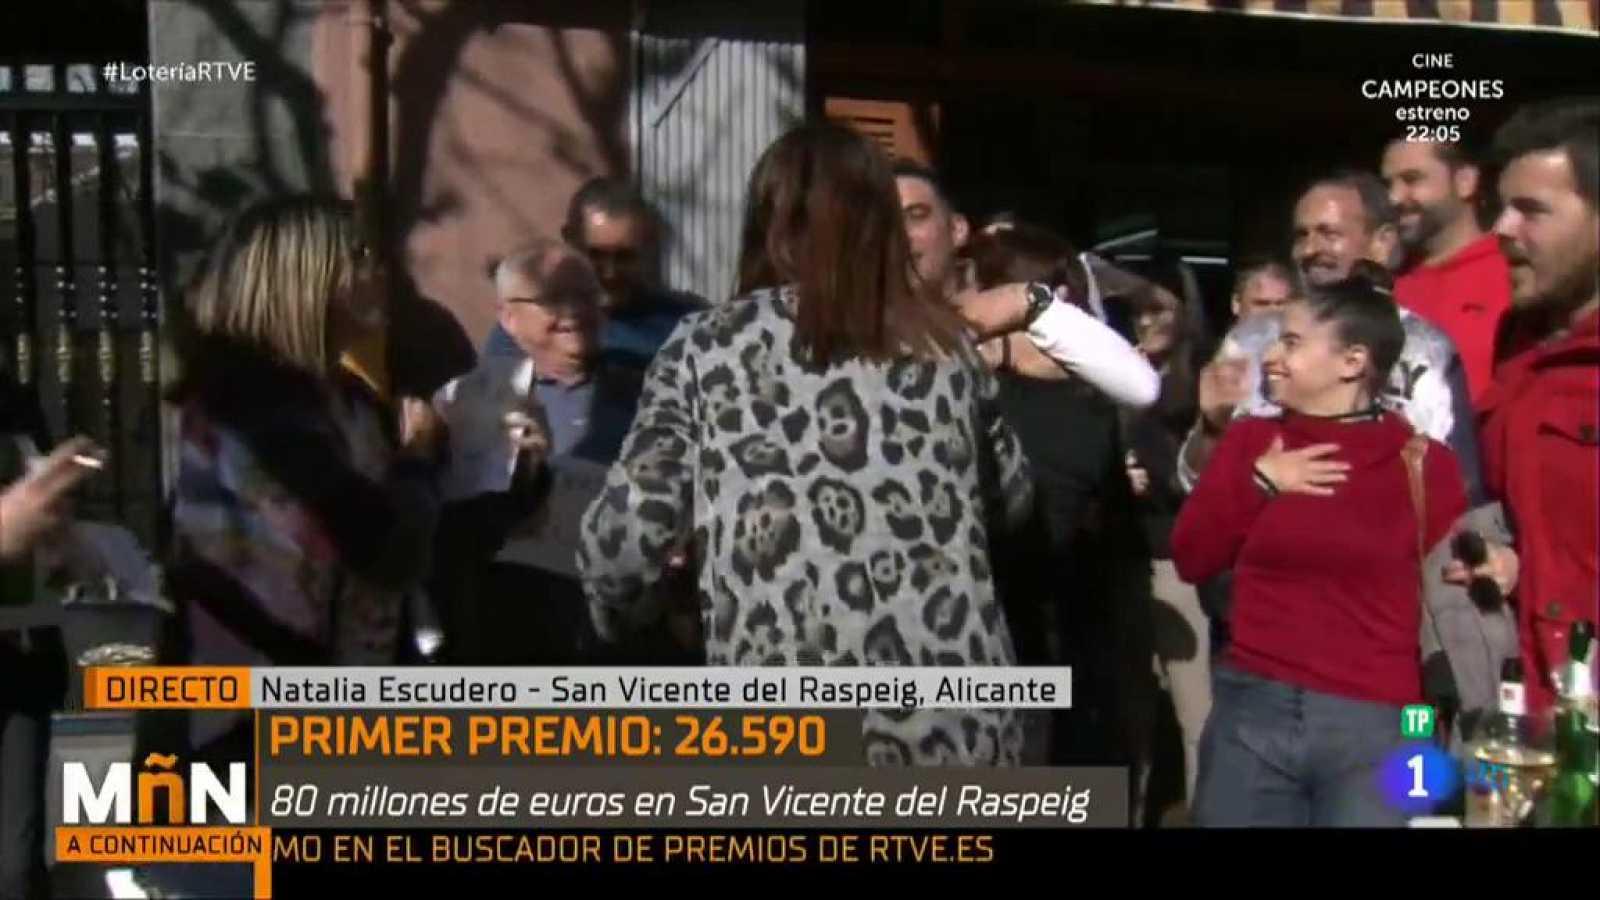 La Mañana - Así celebra esta reportera de La Mañana que le ha tocado la lotería